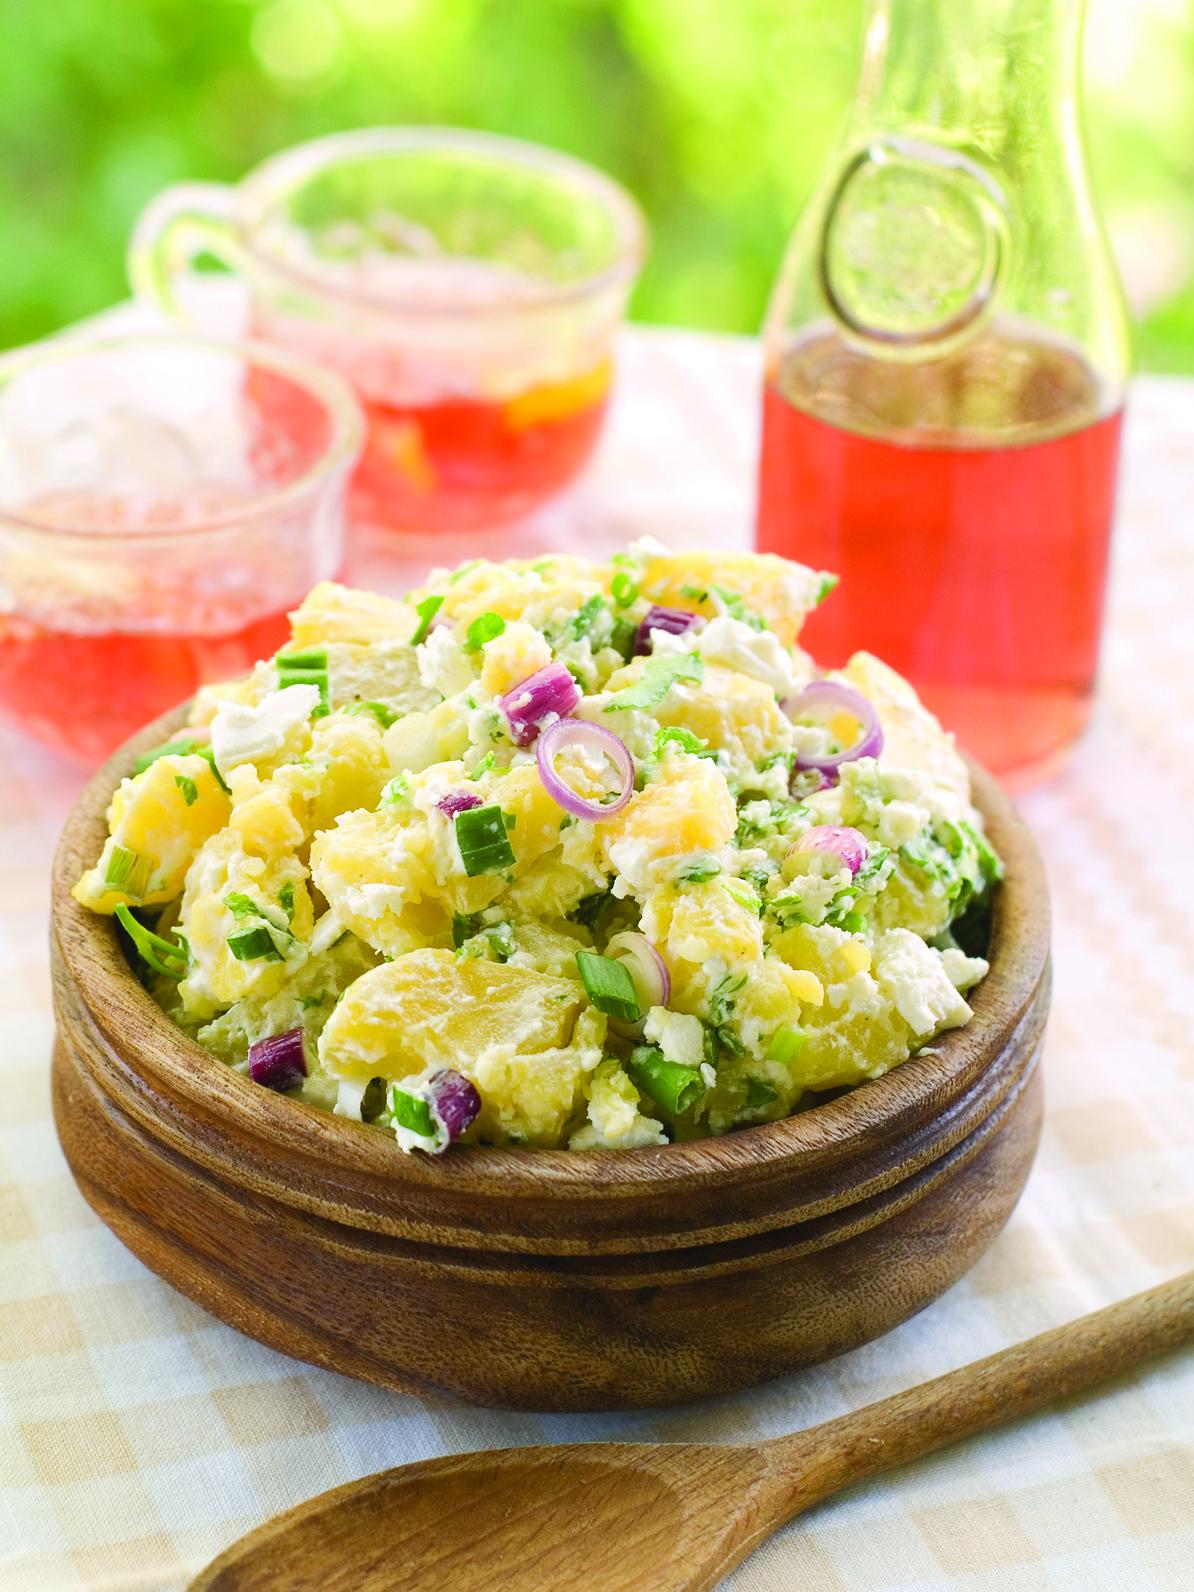 salade de pommes de terre une recette de salade id ale pour les vacances pique nique et. Black Bedroom Furniture Sets. Home Design Ideas